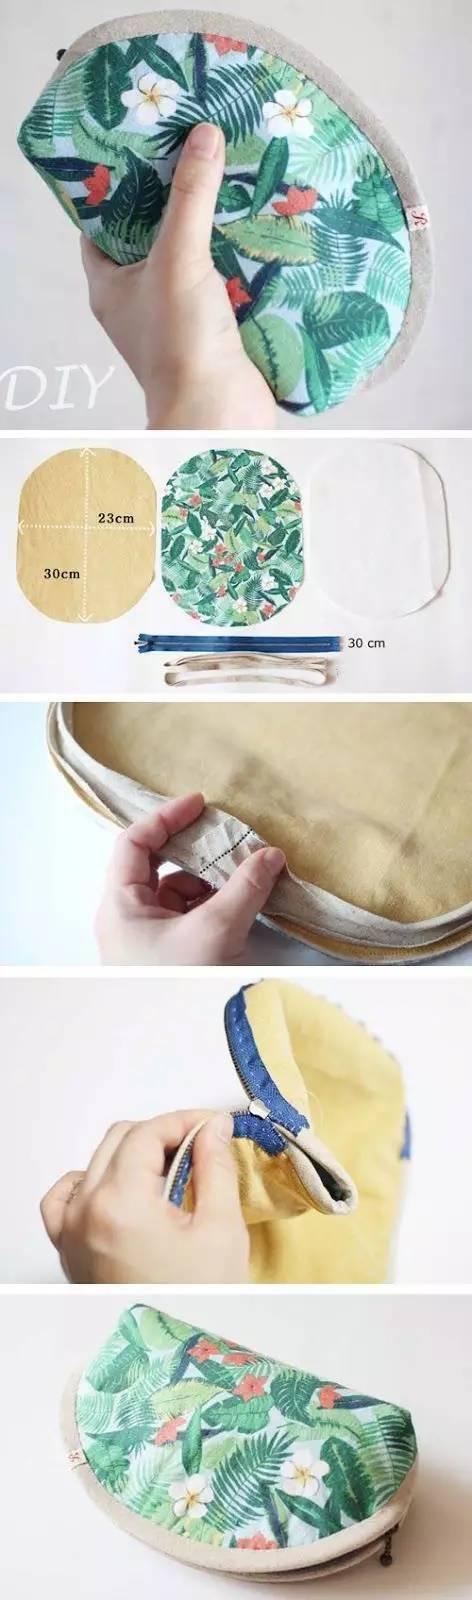 家有的旧衣服剪开做几个包包来用吧,既好看又省钱!